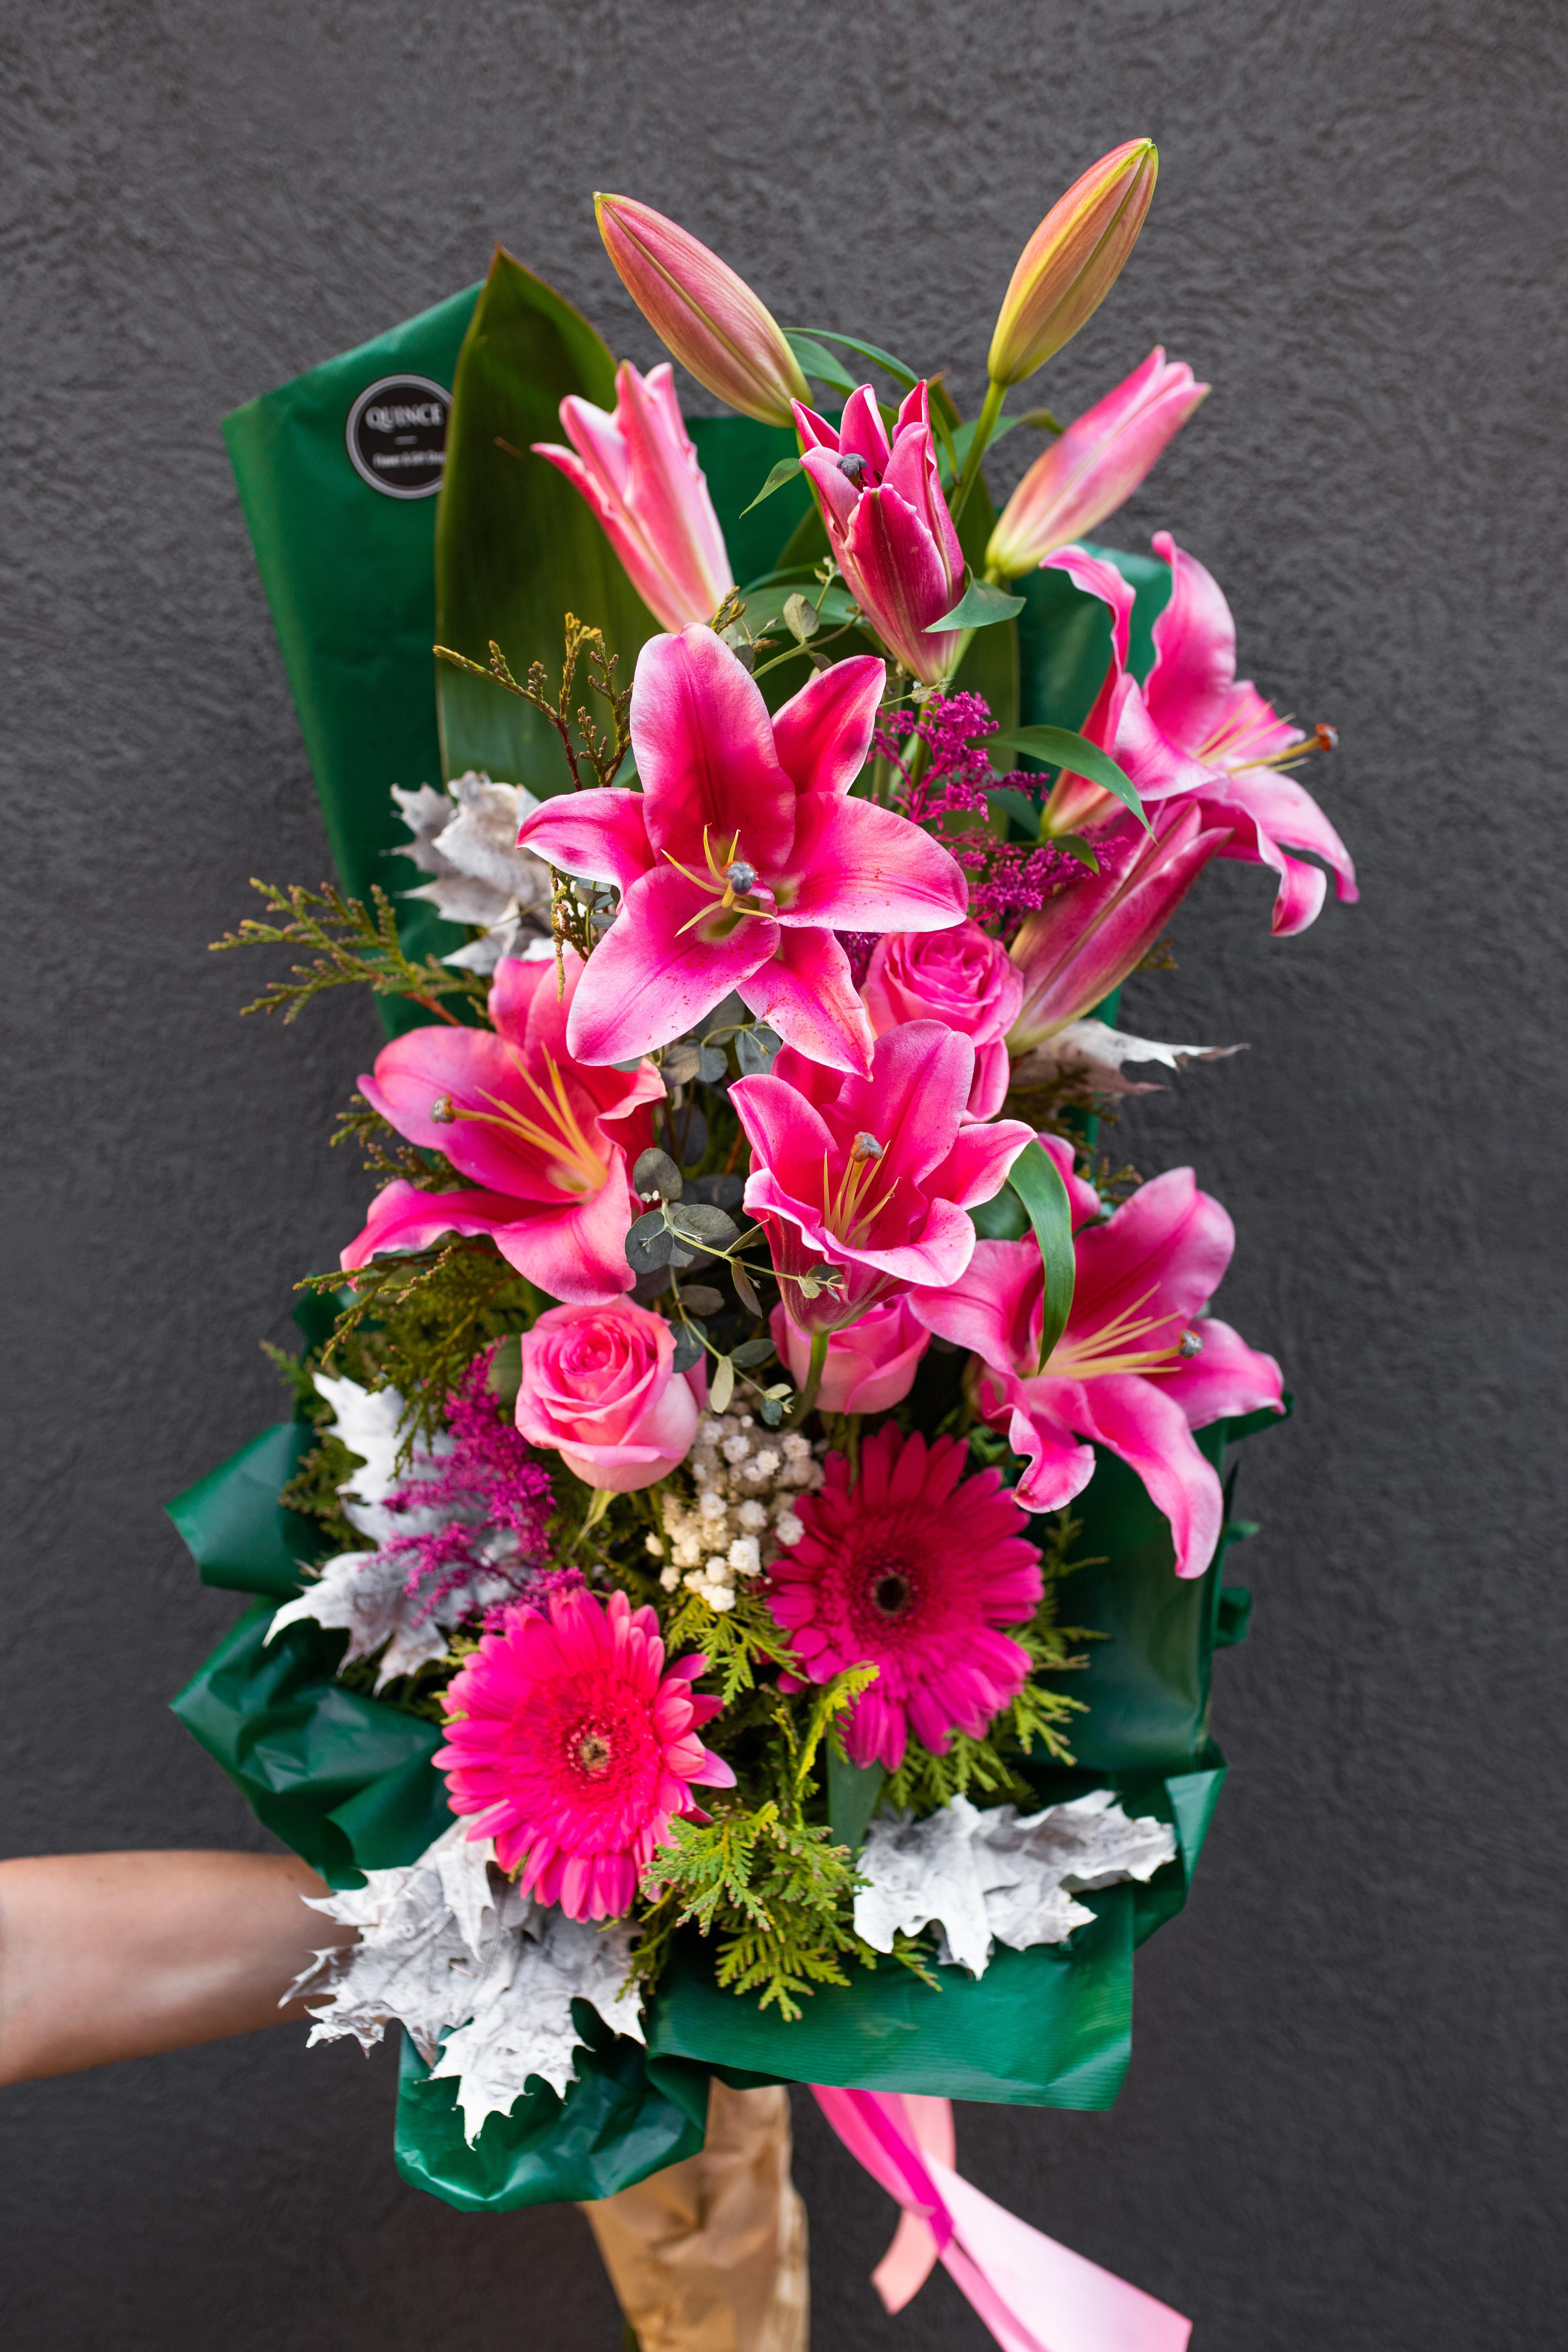 Cvetni aranžman orjentalni ljiljani i ruže sa gerberima